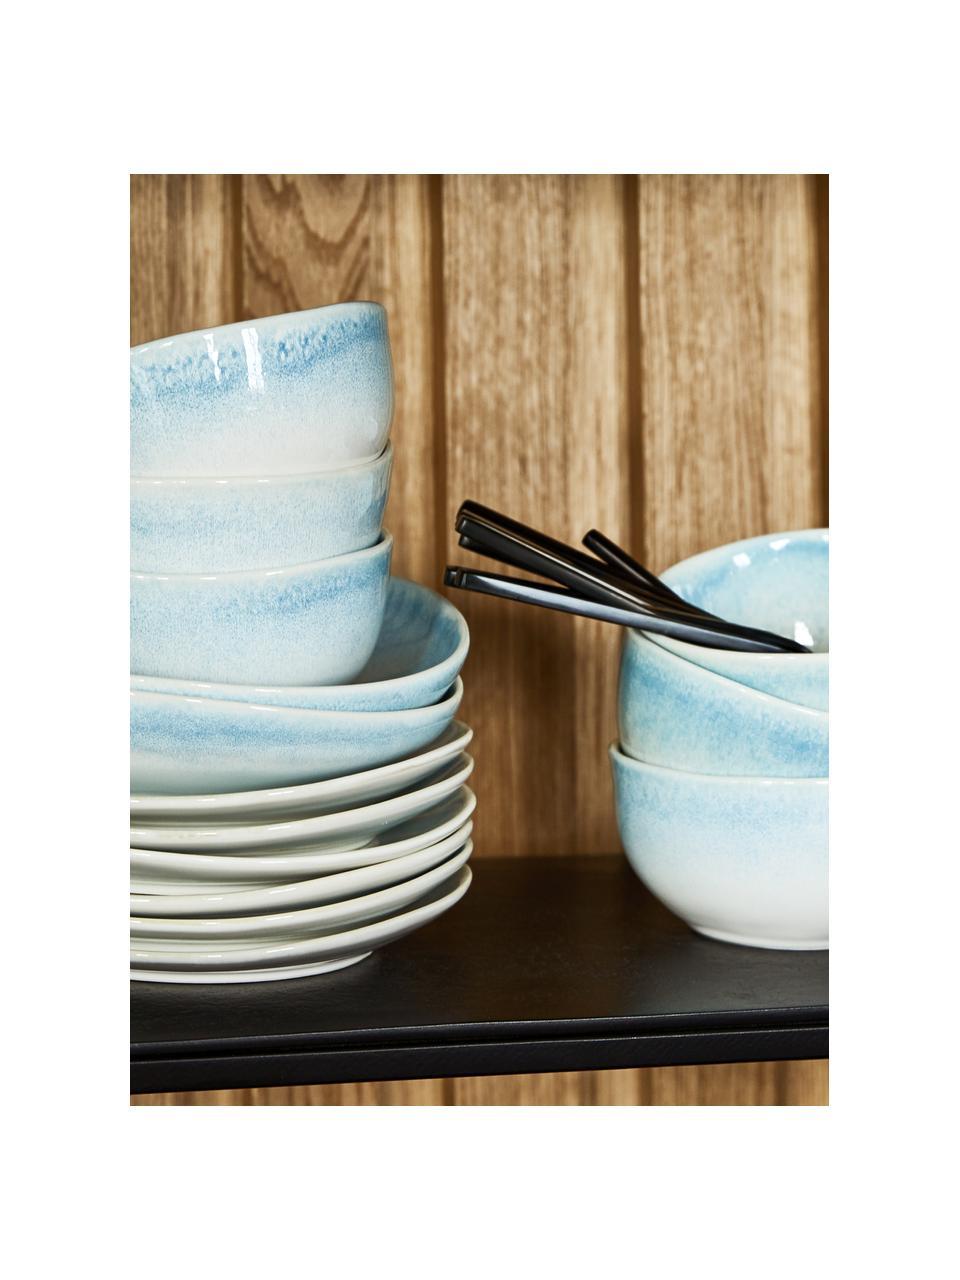 Piatto fondo fatto a mano Amalia 2 pz, Porcellana, Azzurro, bianco crema, Ø 20 cm